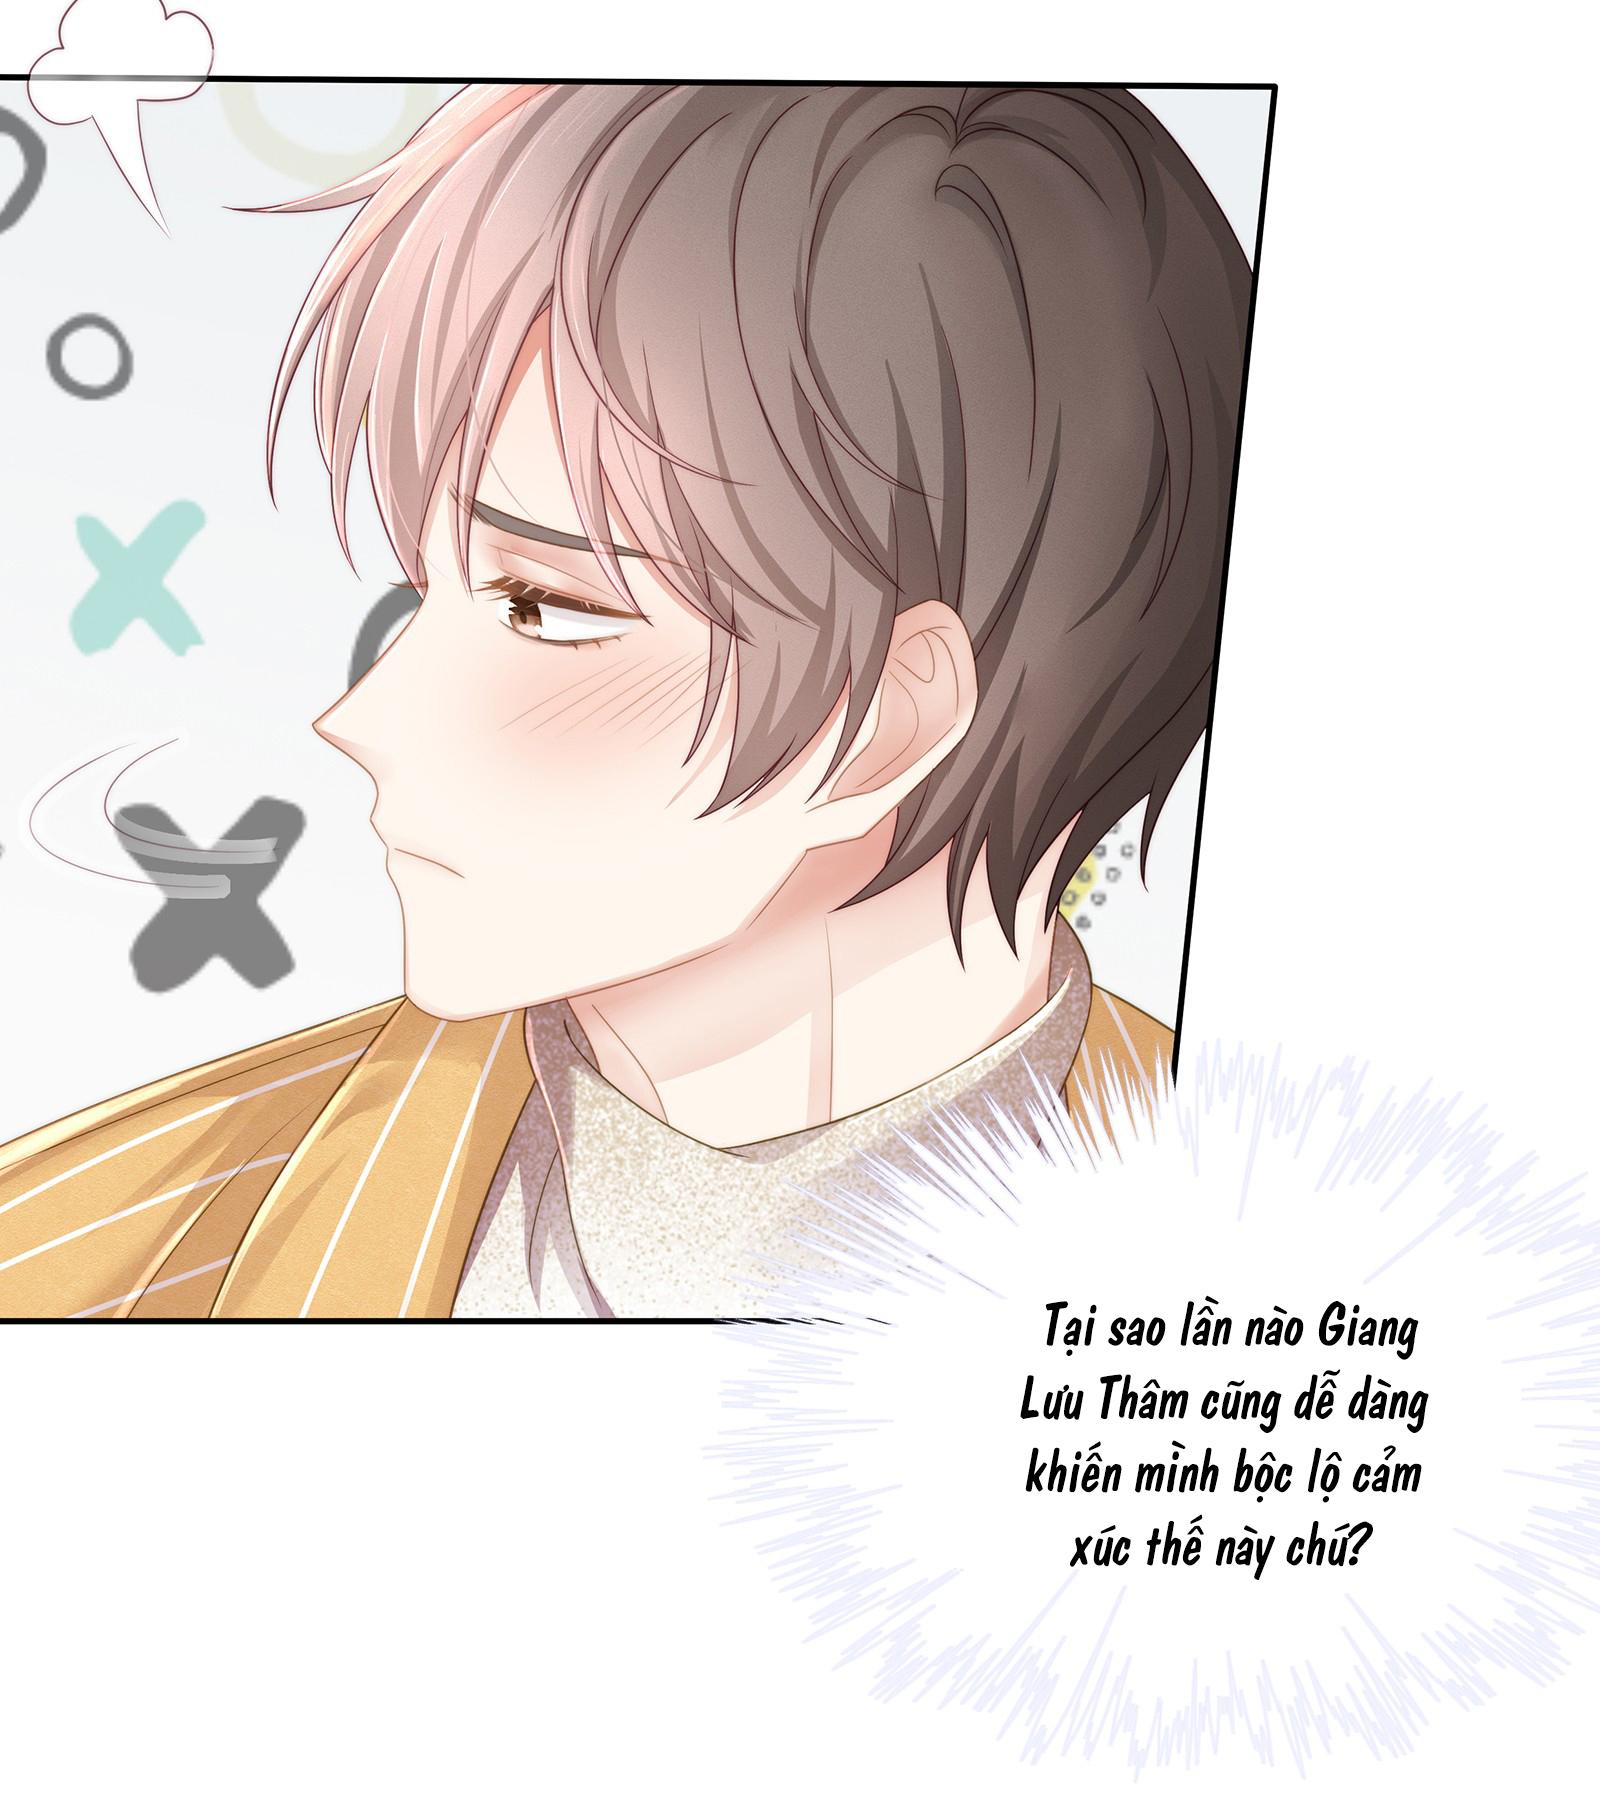 Tình Yêu Độc Quyền Chapter 12 - Trang 12